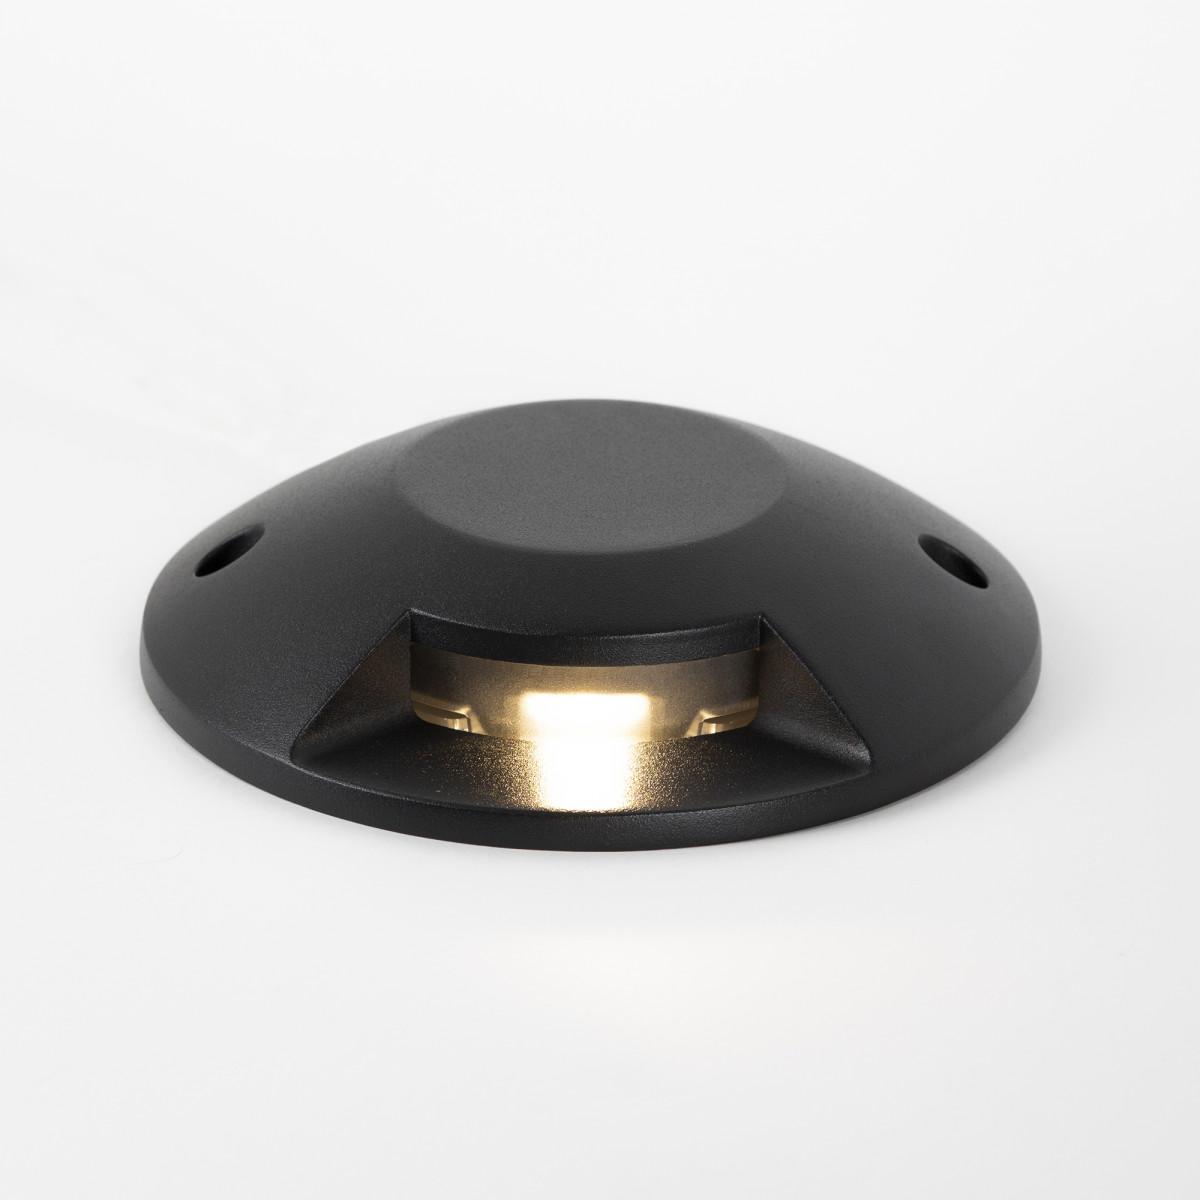 Evo deckspot 1 lichts zwart een opbouw grondspot met LED, geeft een mooi strijklicht naar één zijde, zwart armatuur, lichtkleur 3000 Kelvin, 400 lumen